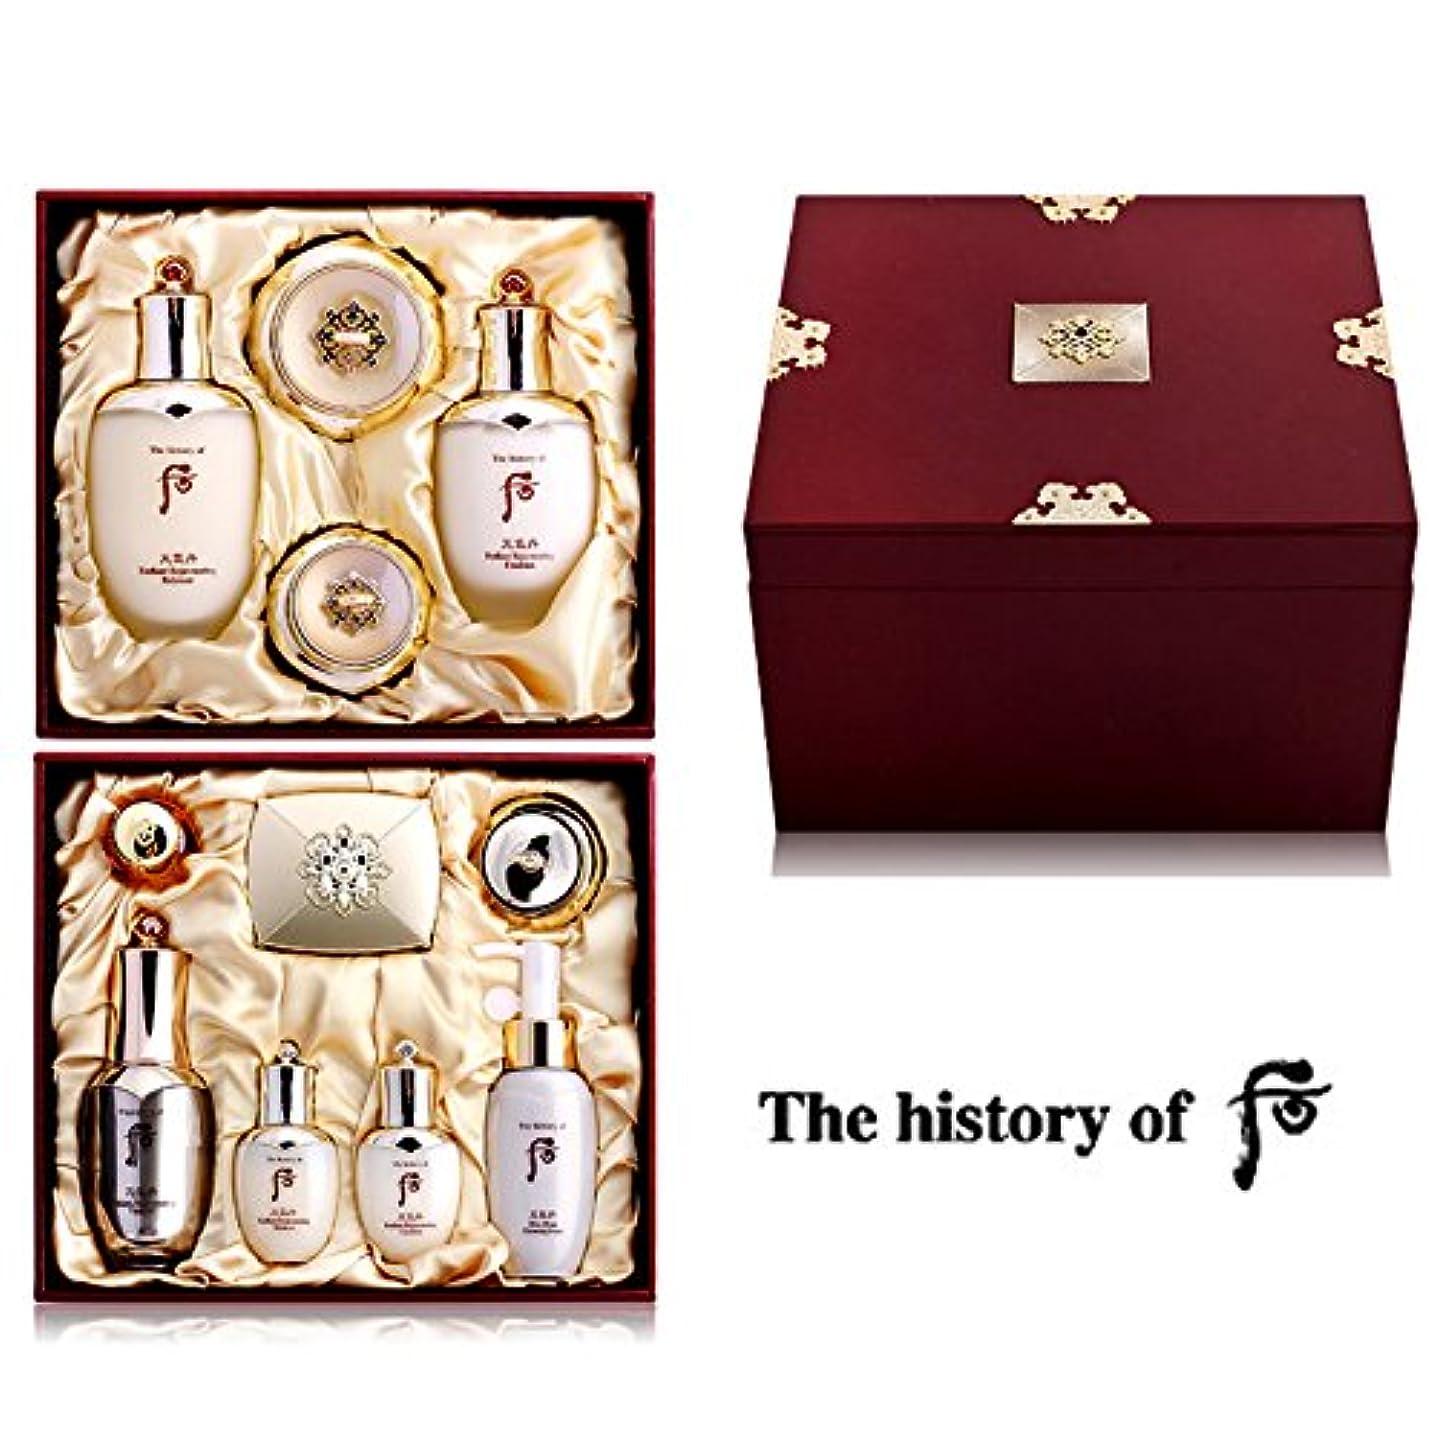 エレクトロニック等々便益【フー/The history of whoo] 天気丹 王侯(チョンギダン ワンフ) セット/Chonghi Dan Queen Special Set+[Sample Gift](海外直送品)